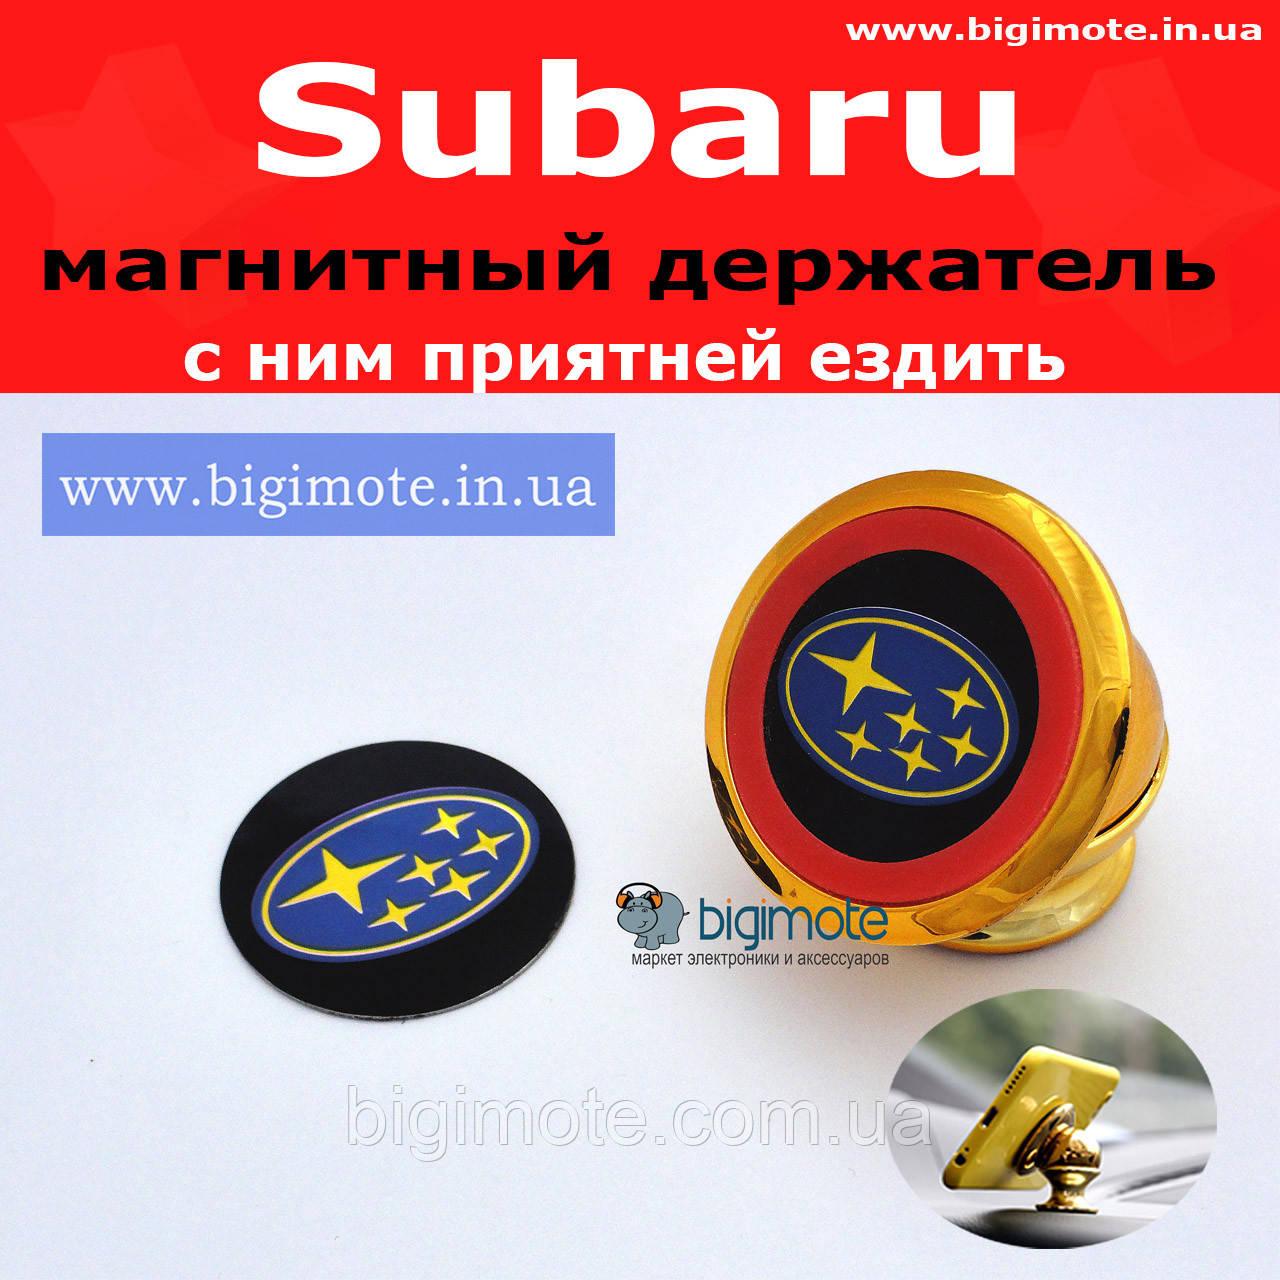 SUBARU. Качественный магнитный держатель для телефона,bigimote